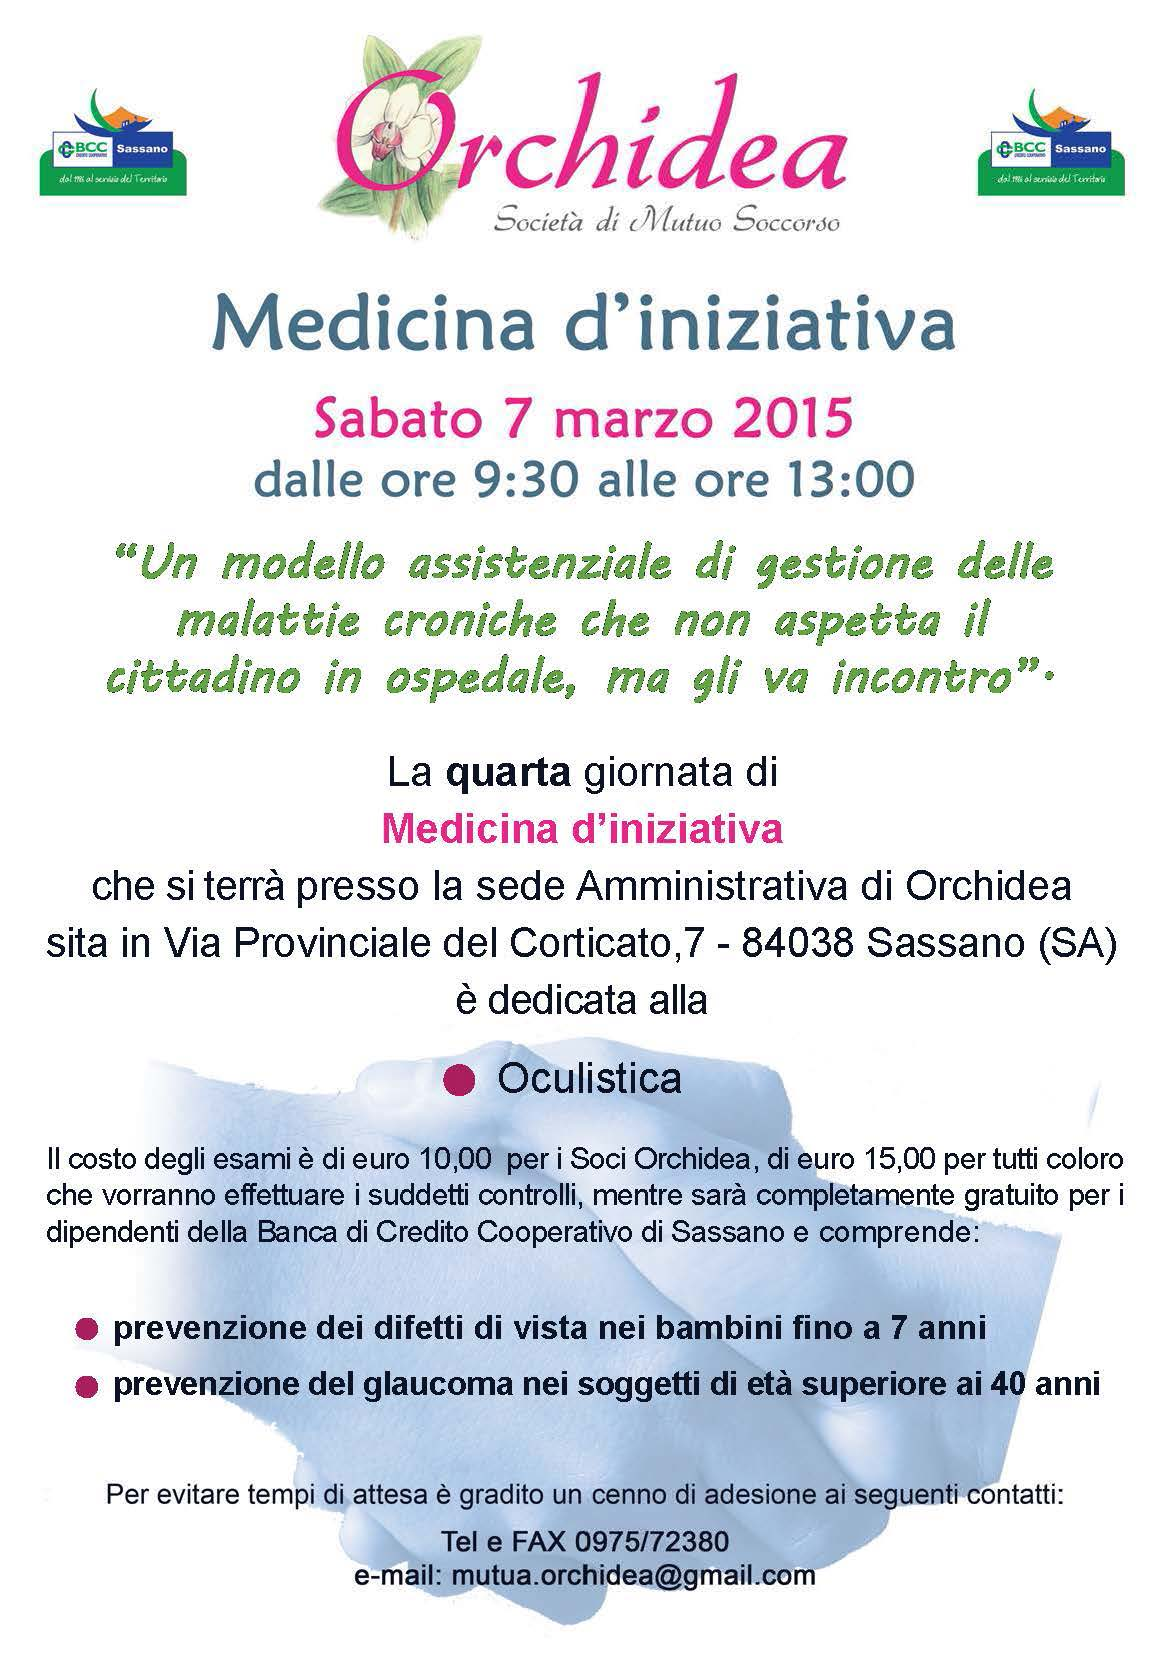 A sassano 4 giornata del progetto medicina d iniziativa for Costo orchidea